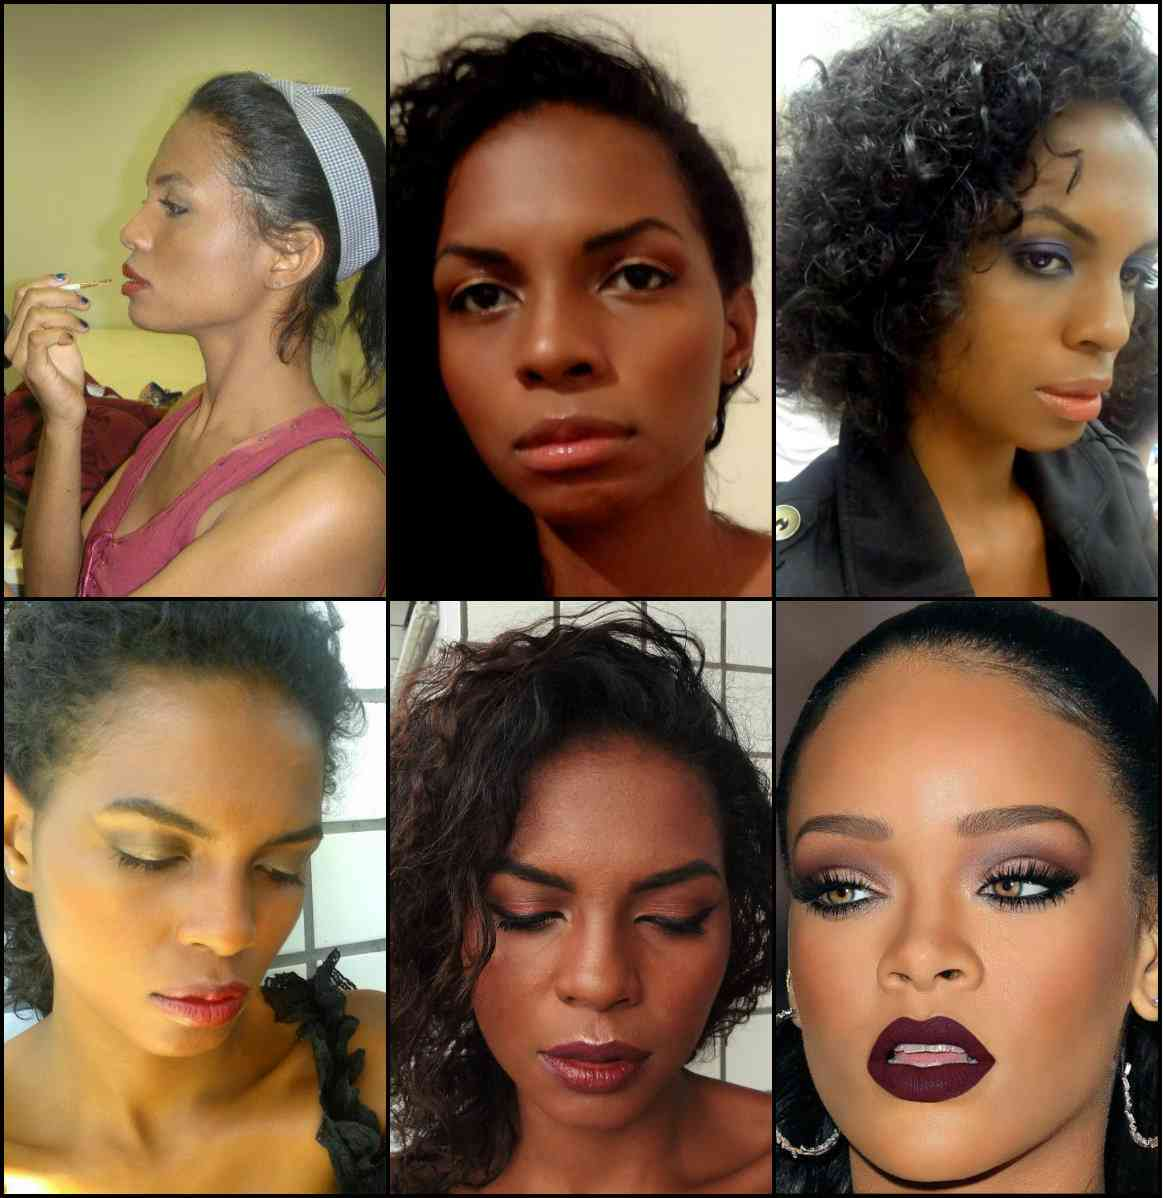 Invejosos dirão que a última foto é da Rihanna.